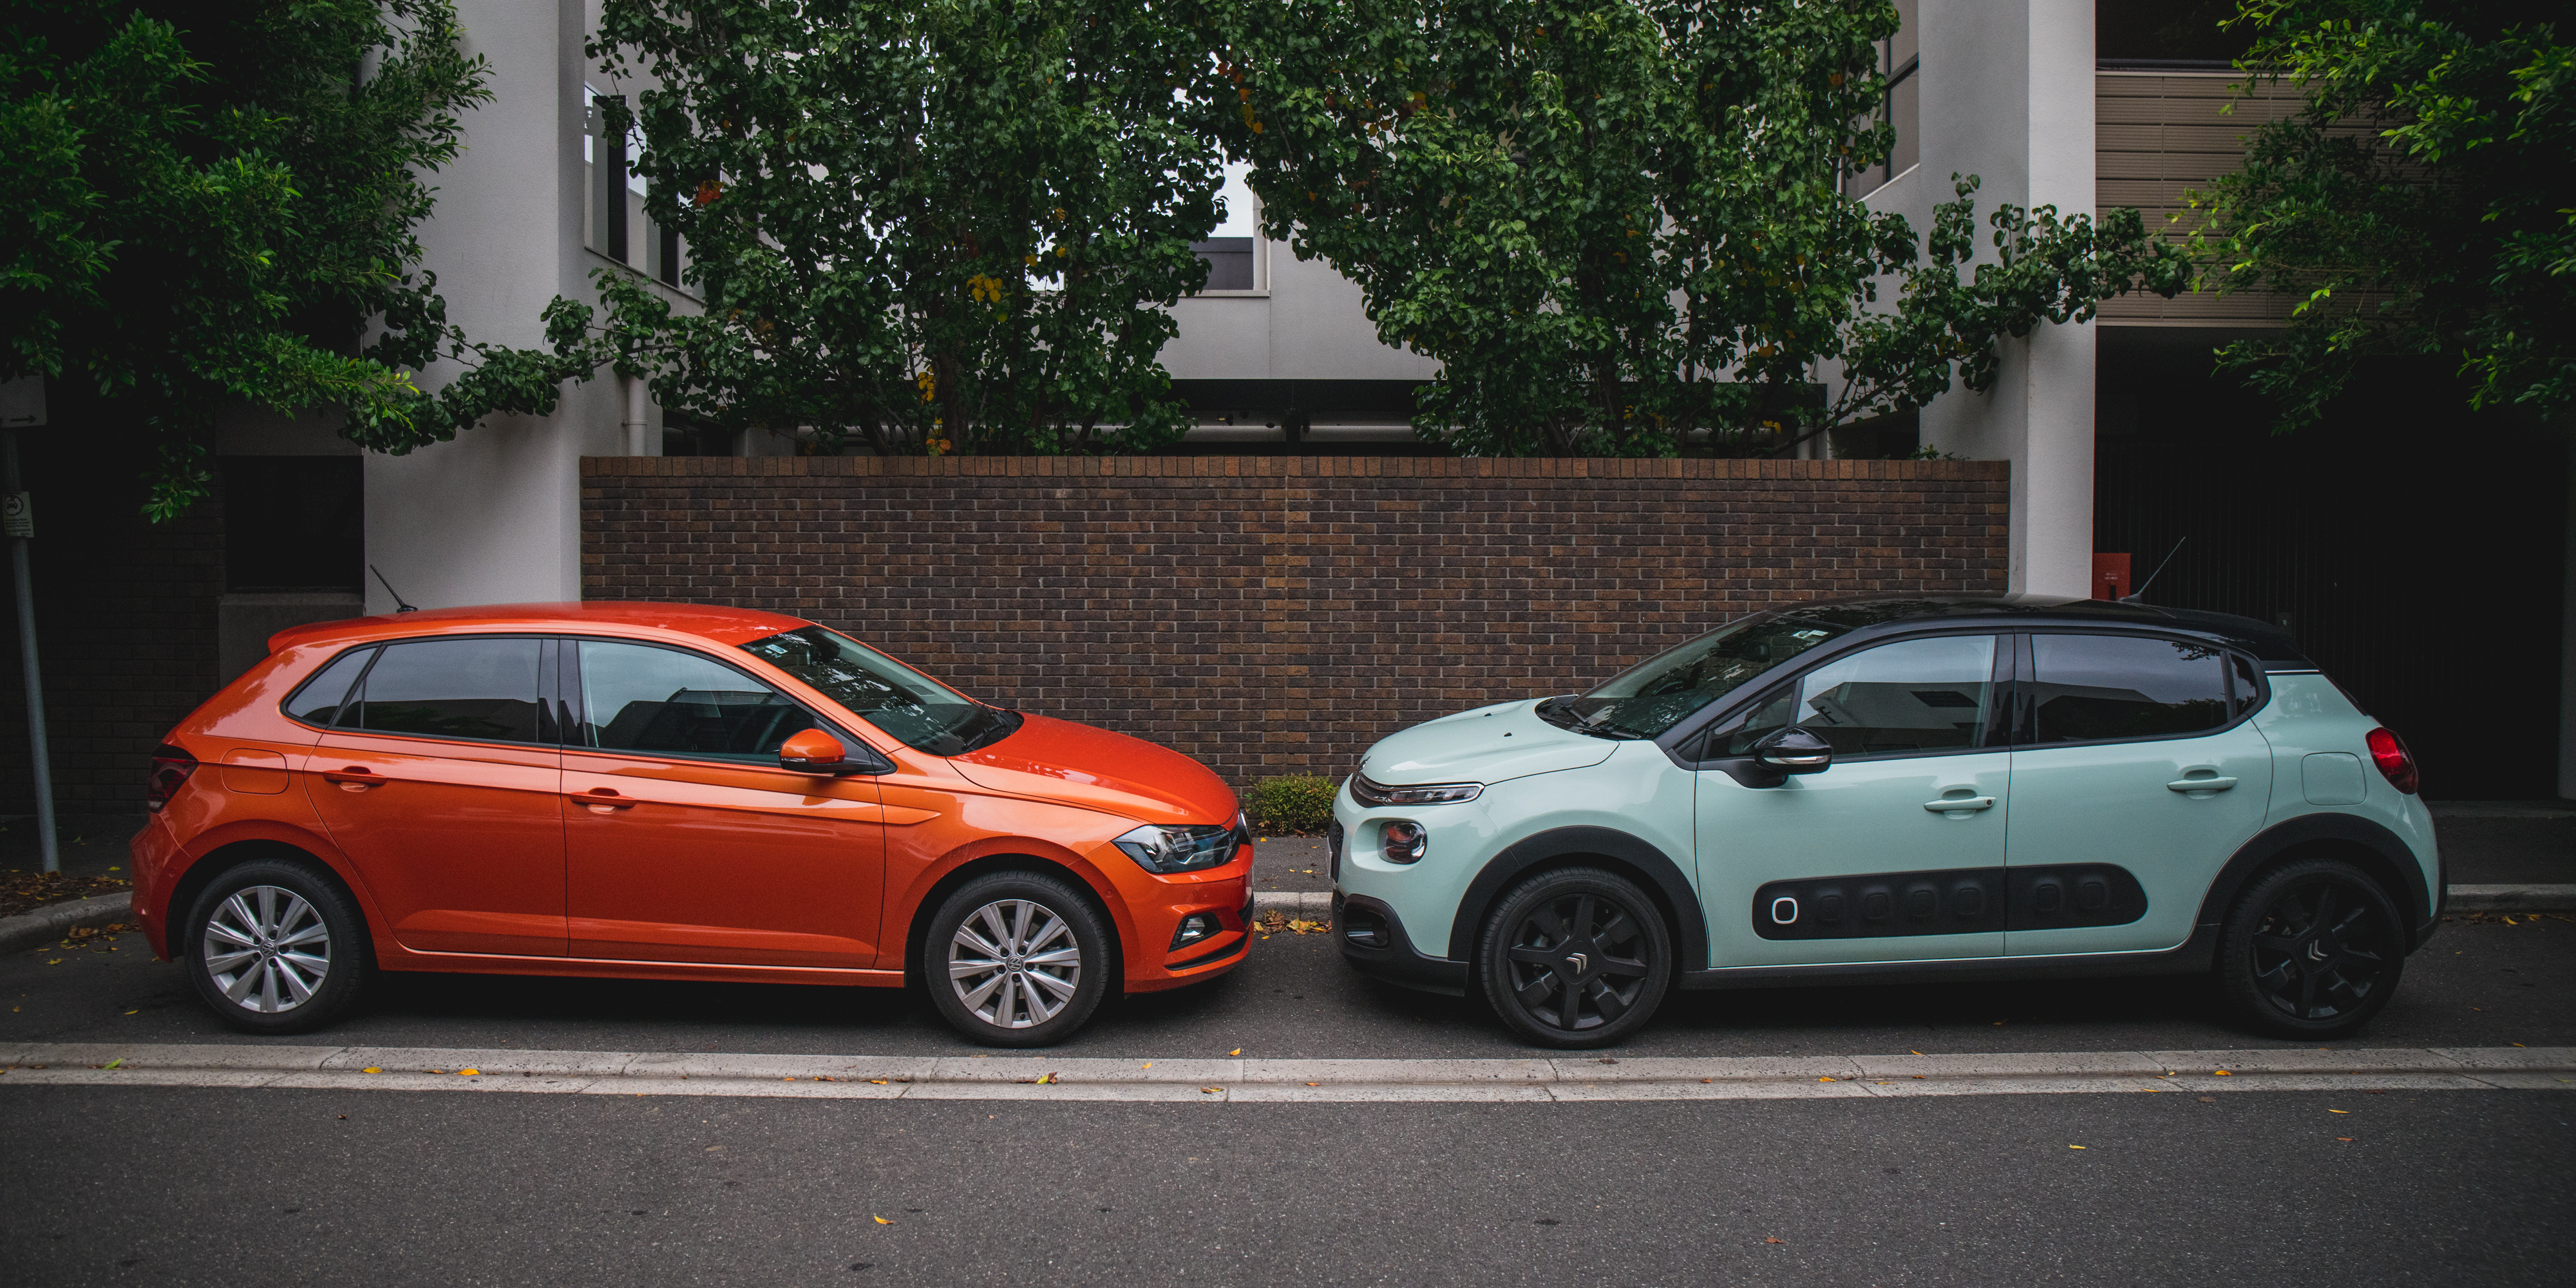 2018 Citroen C3 Shine v Volkswagen Polo Launch Edition comparison